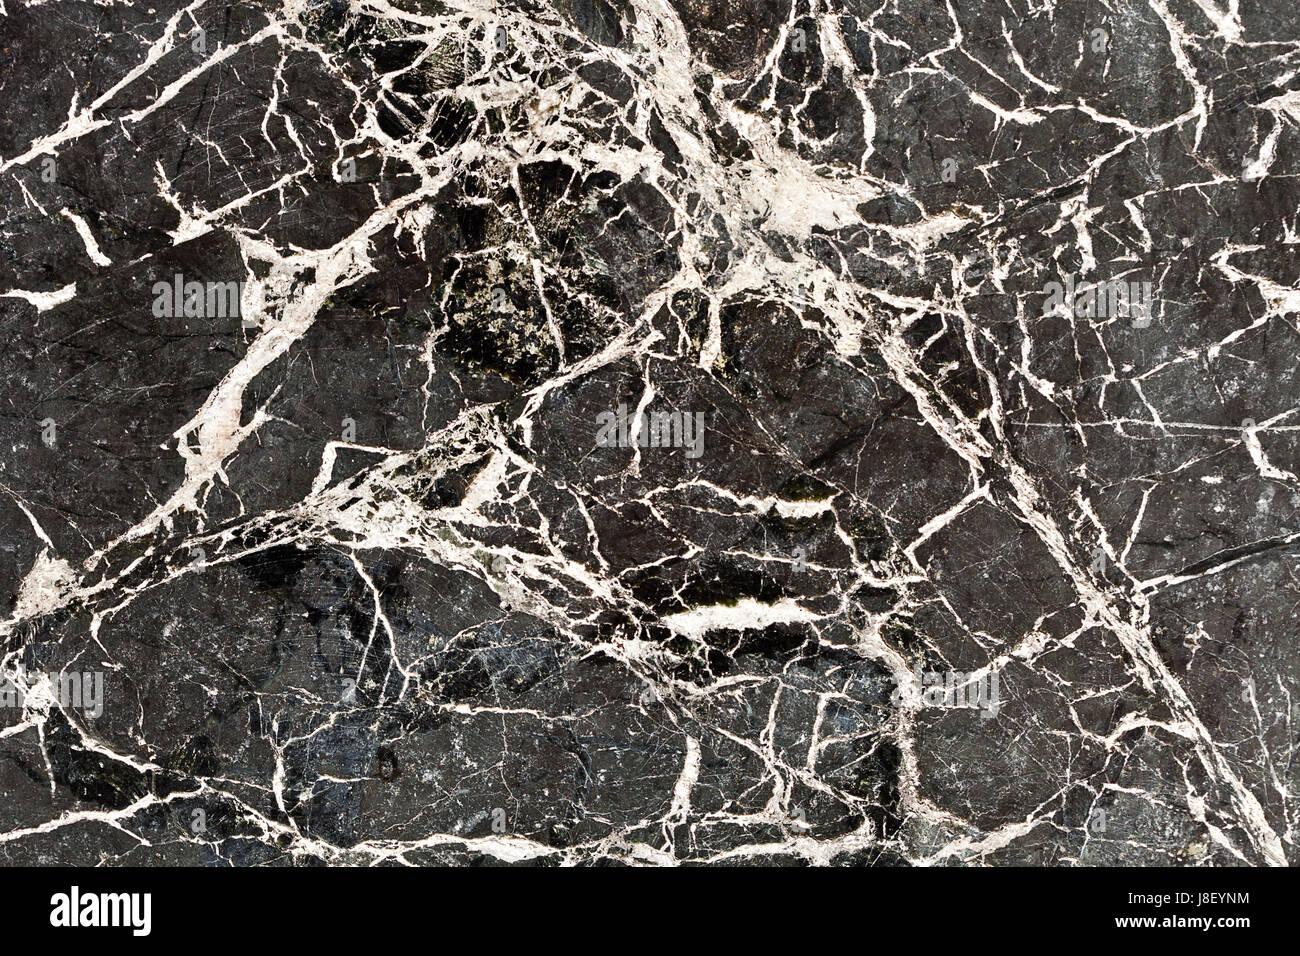 Verde scuro mattonelle in marmo texture con sfondo bianco e nero